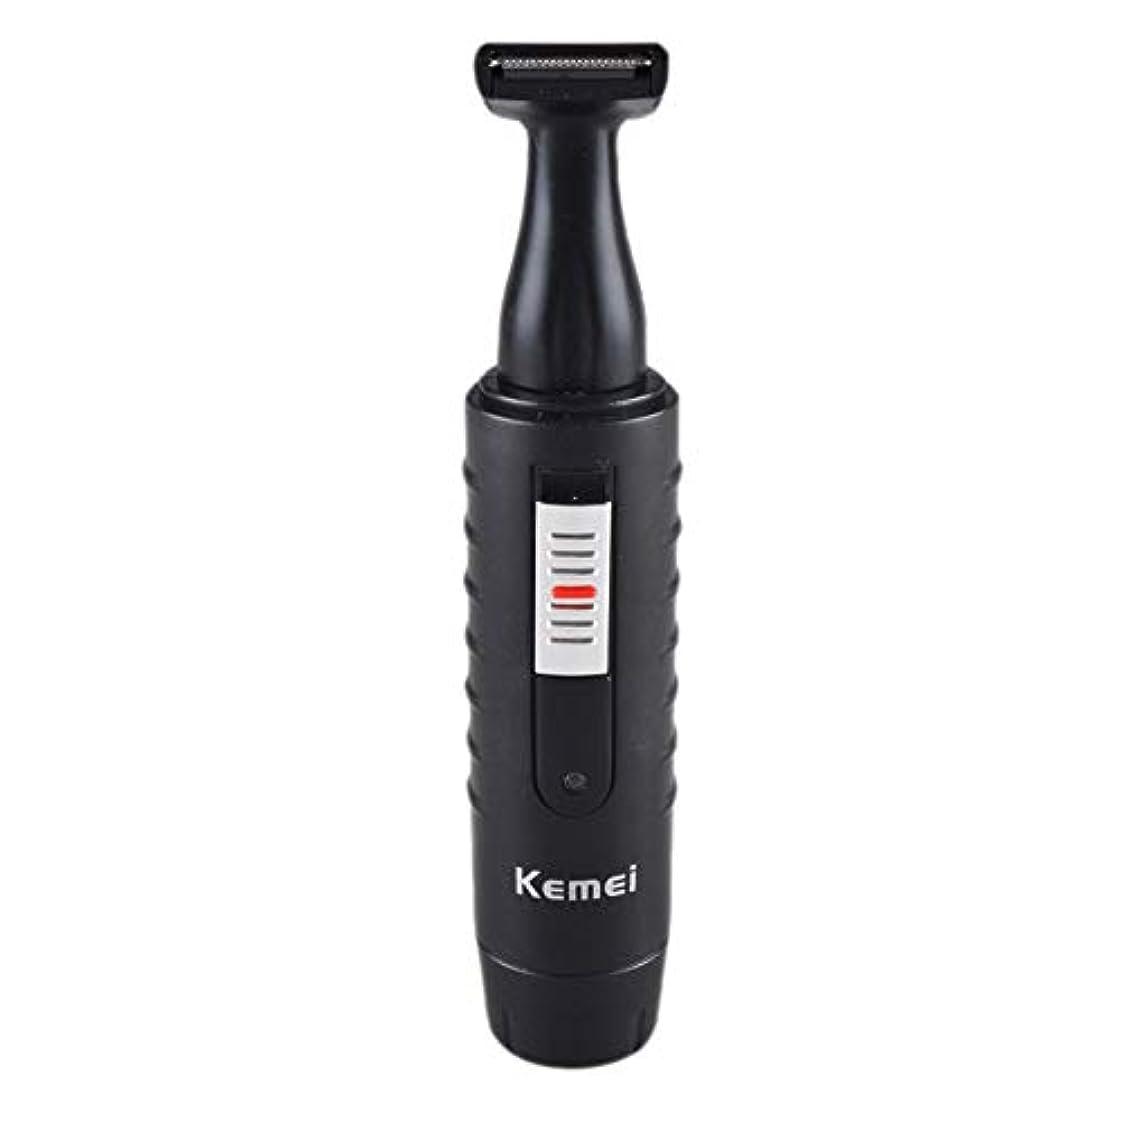 うまれたドル期限切れ男性と女性のための2-1電気鼻&耳ヘアトリマー充電式洗えるひげヘアシェーバーフェイスケアデバイス